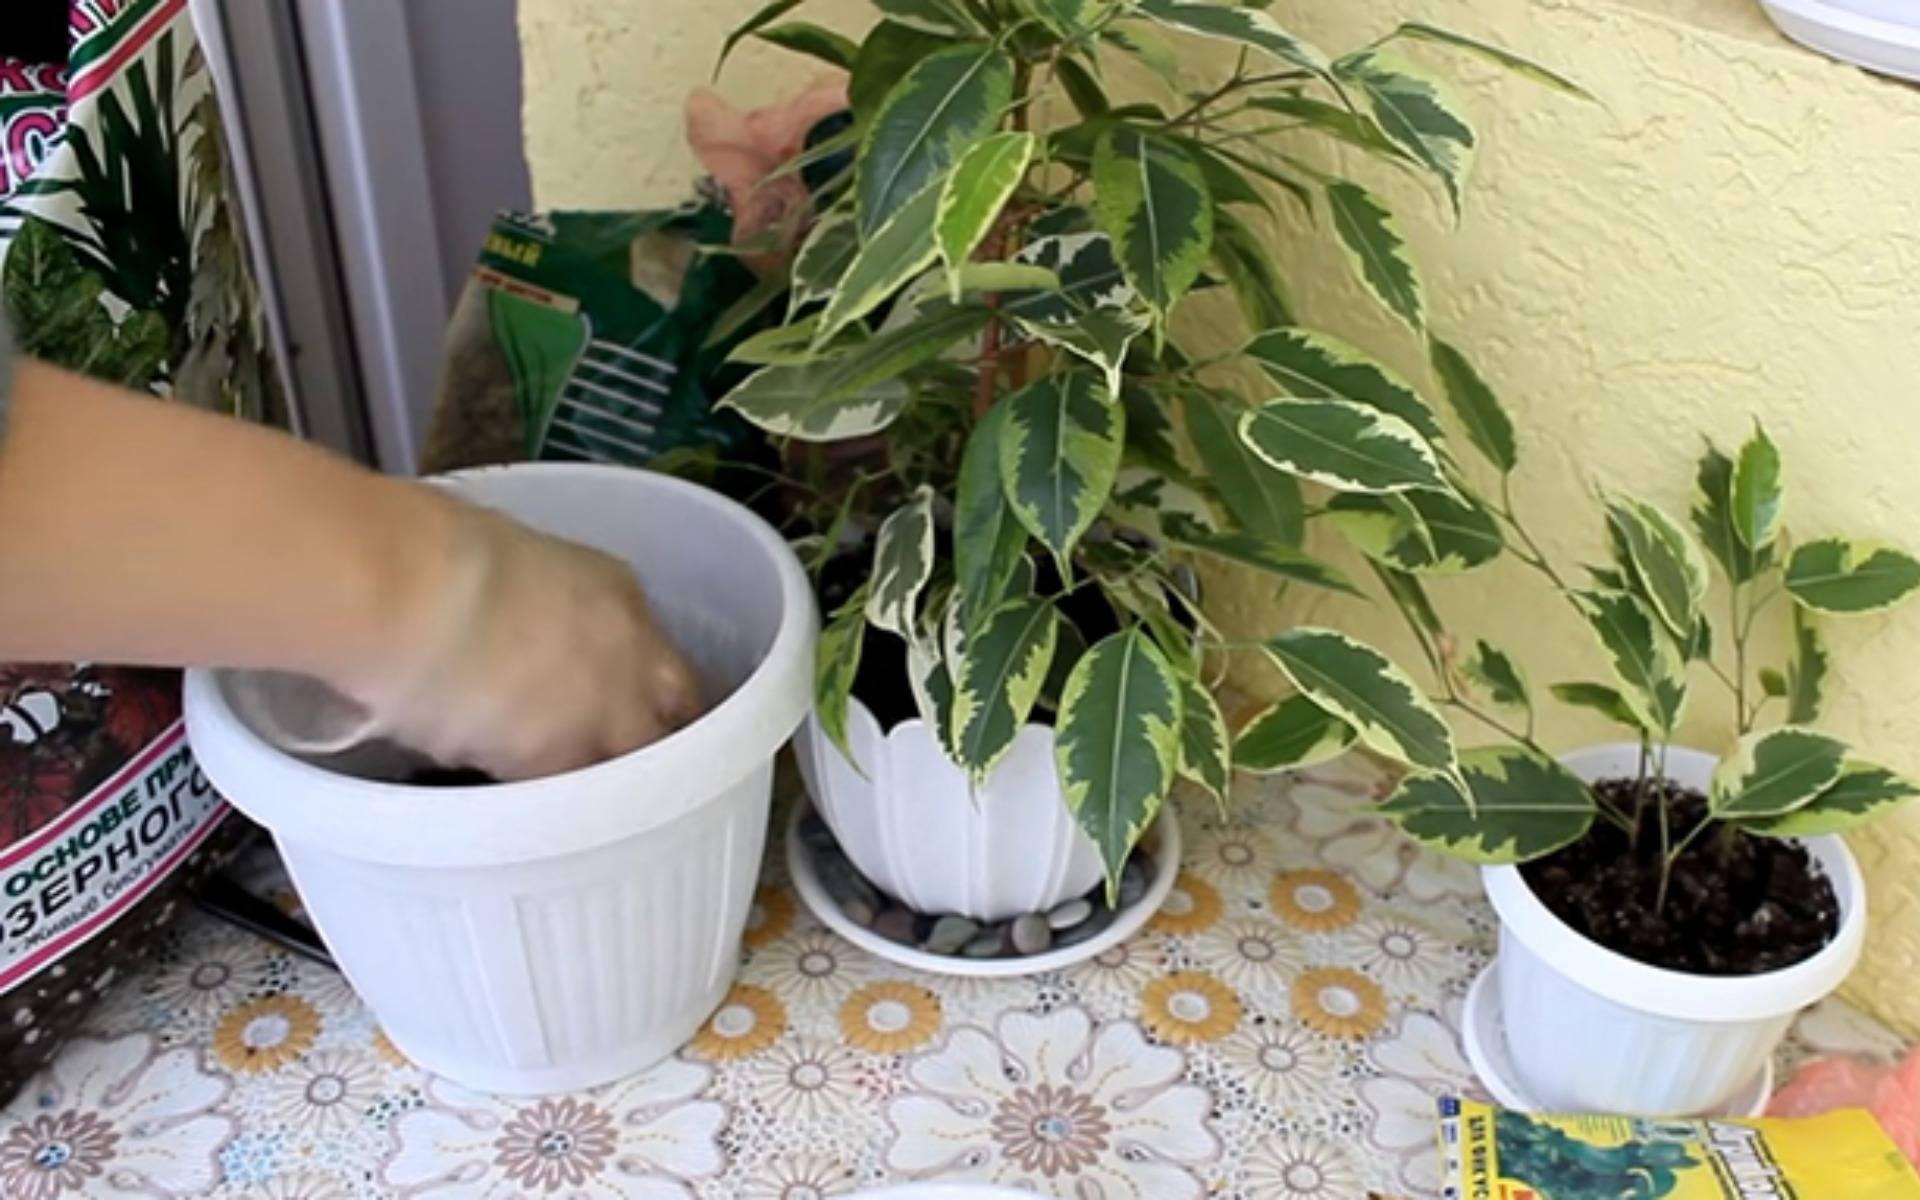 Пересадка фикуса в домашних условиях в новый горшок: как и когда делать